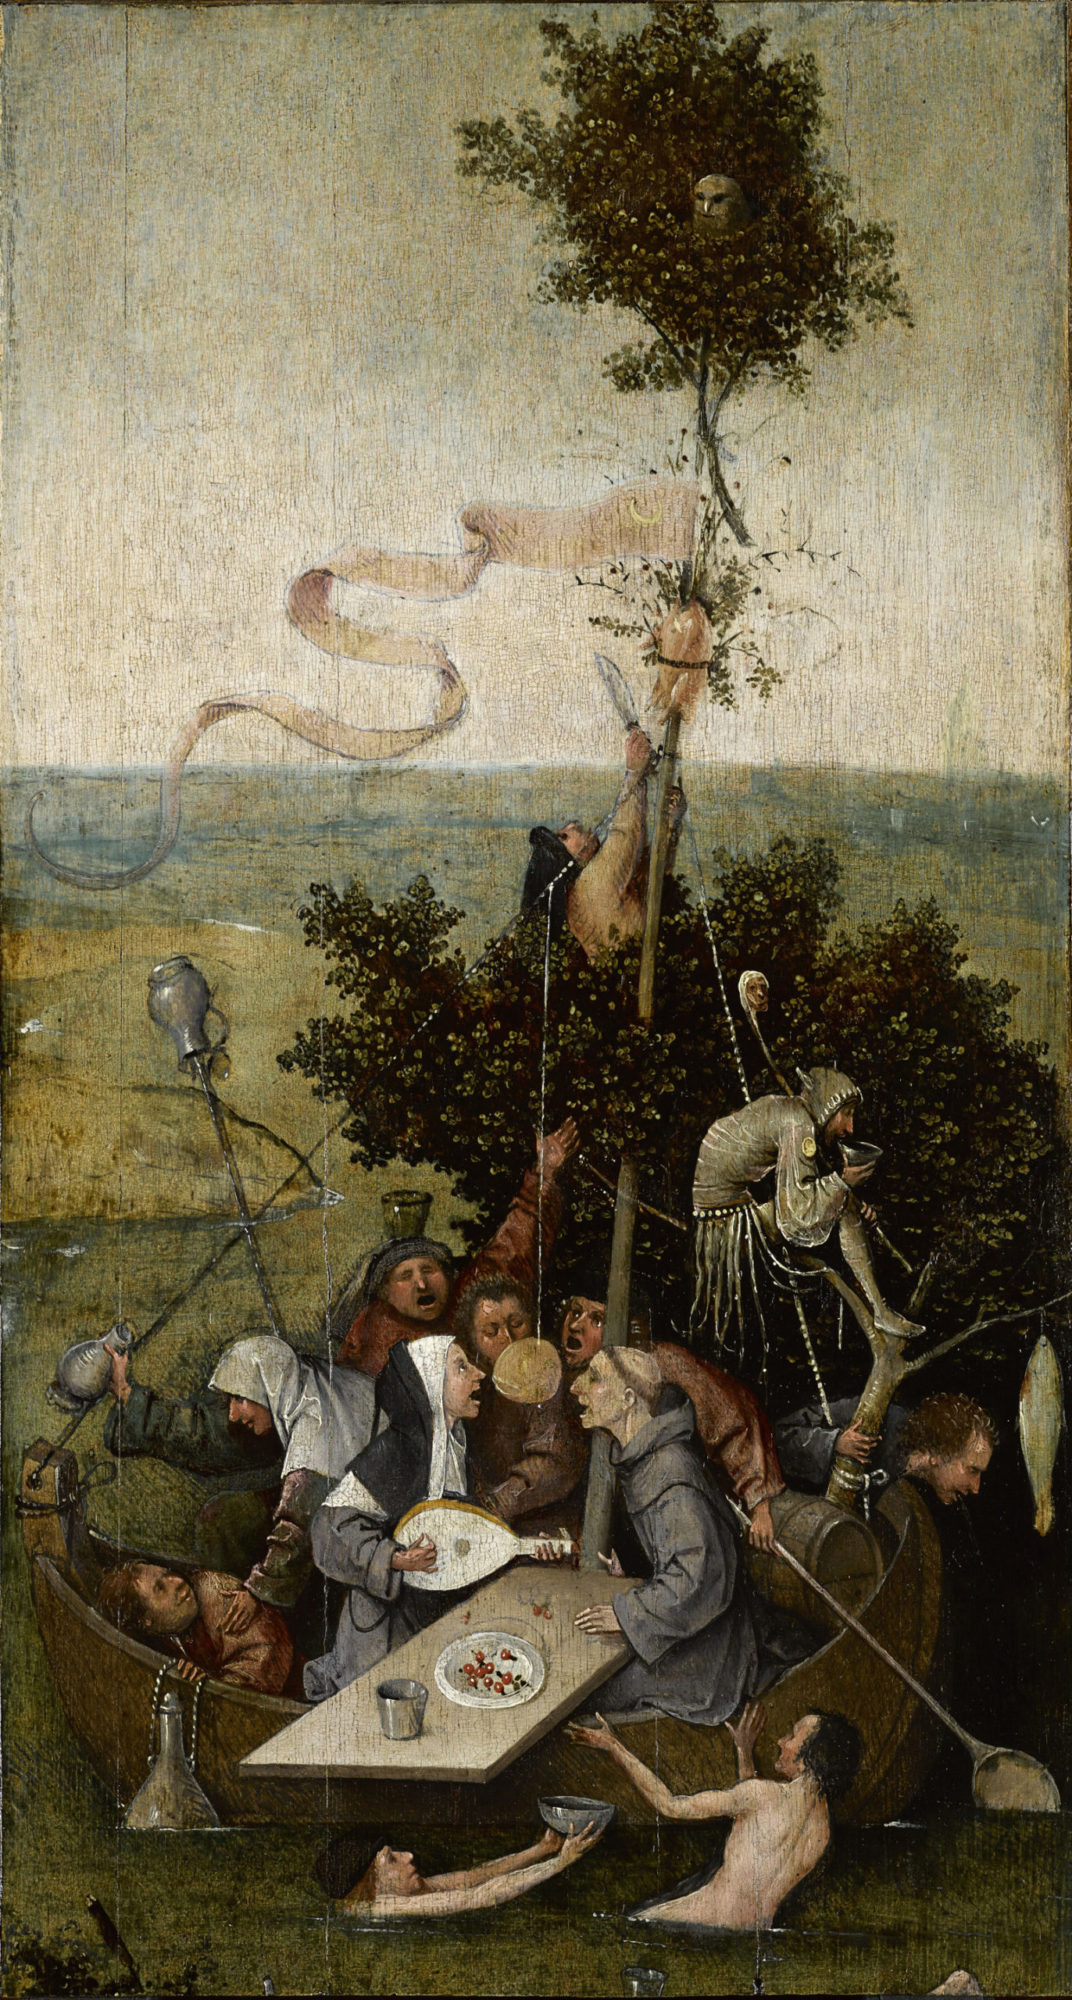 Корабль дкраков. Иероним Босх. 1495-1500 гг. Лувр, Париж.